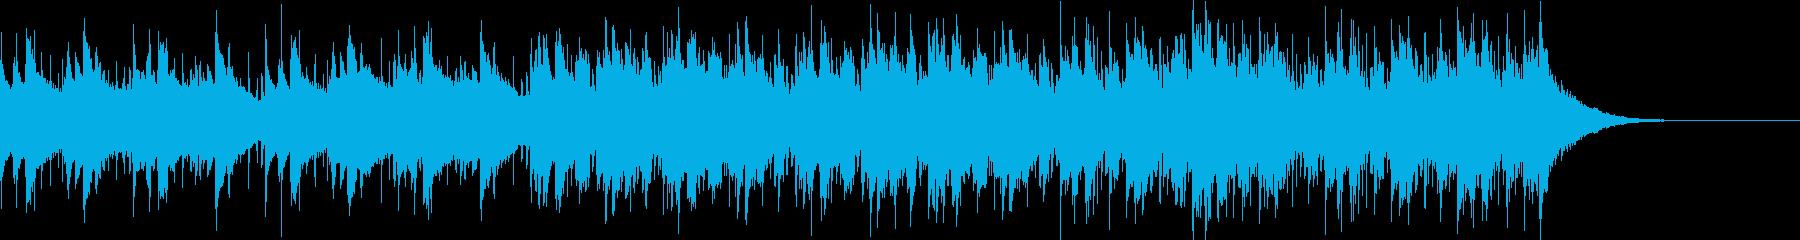 Pf「漣」和風現代ジャズの再生済みの波形